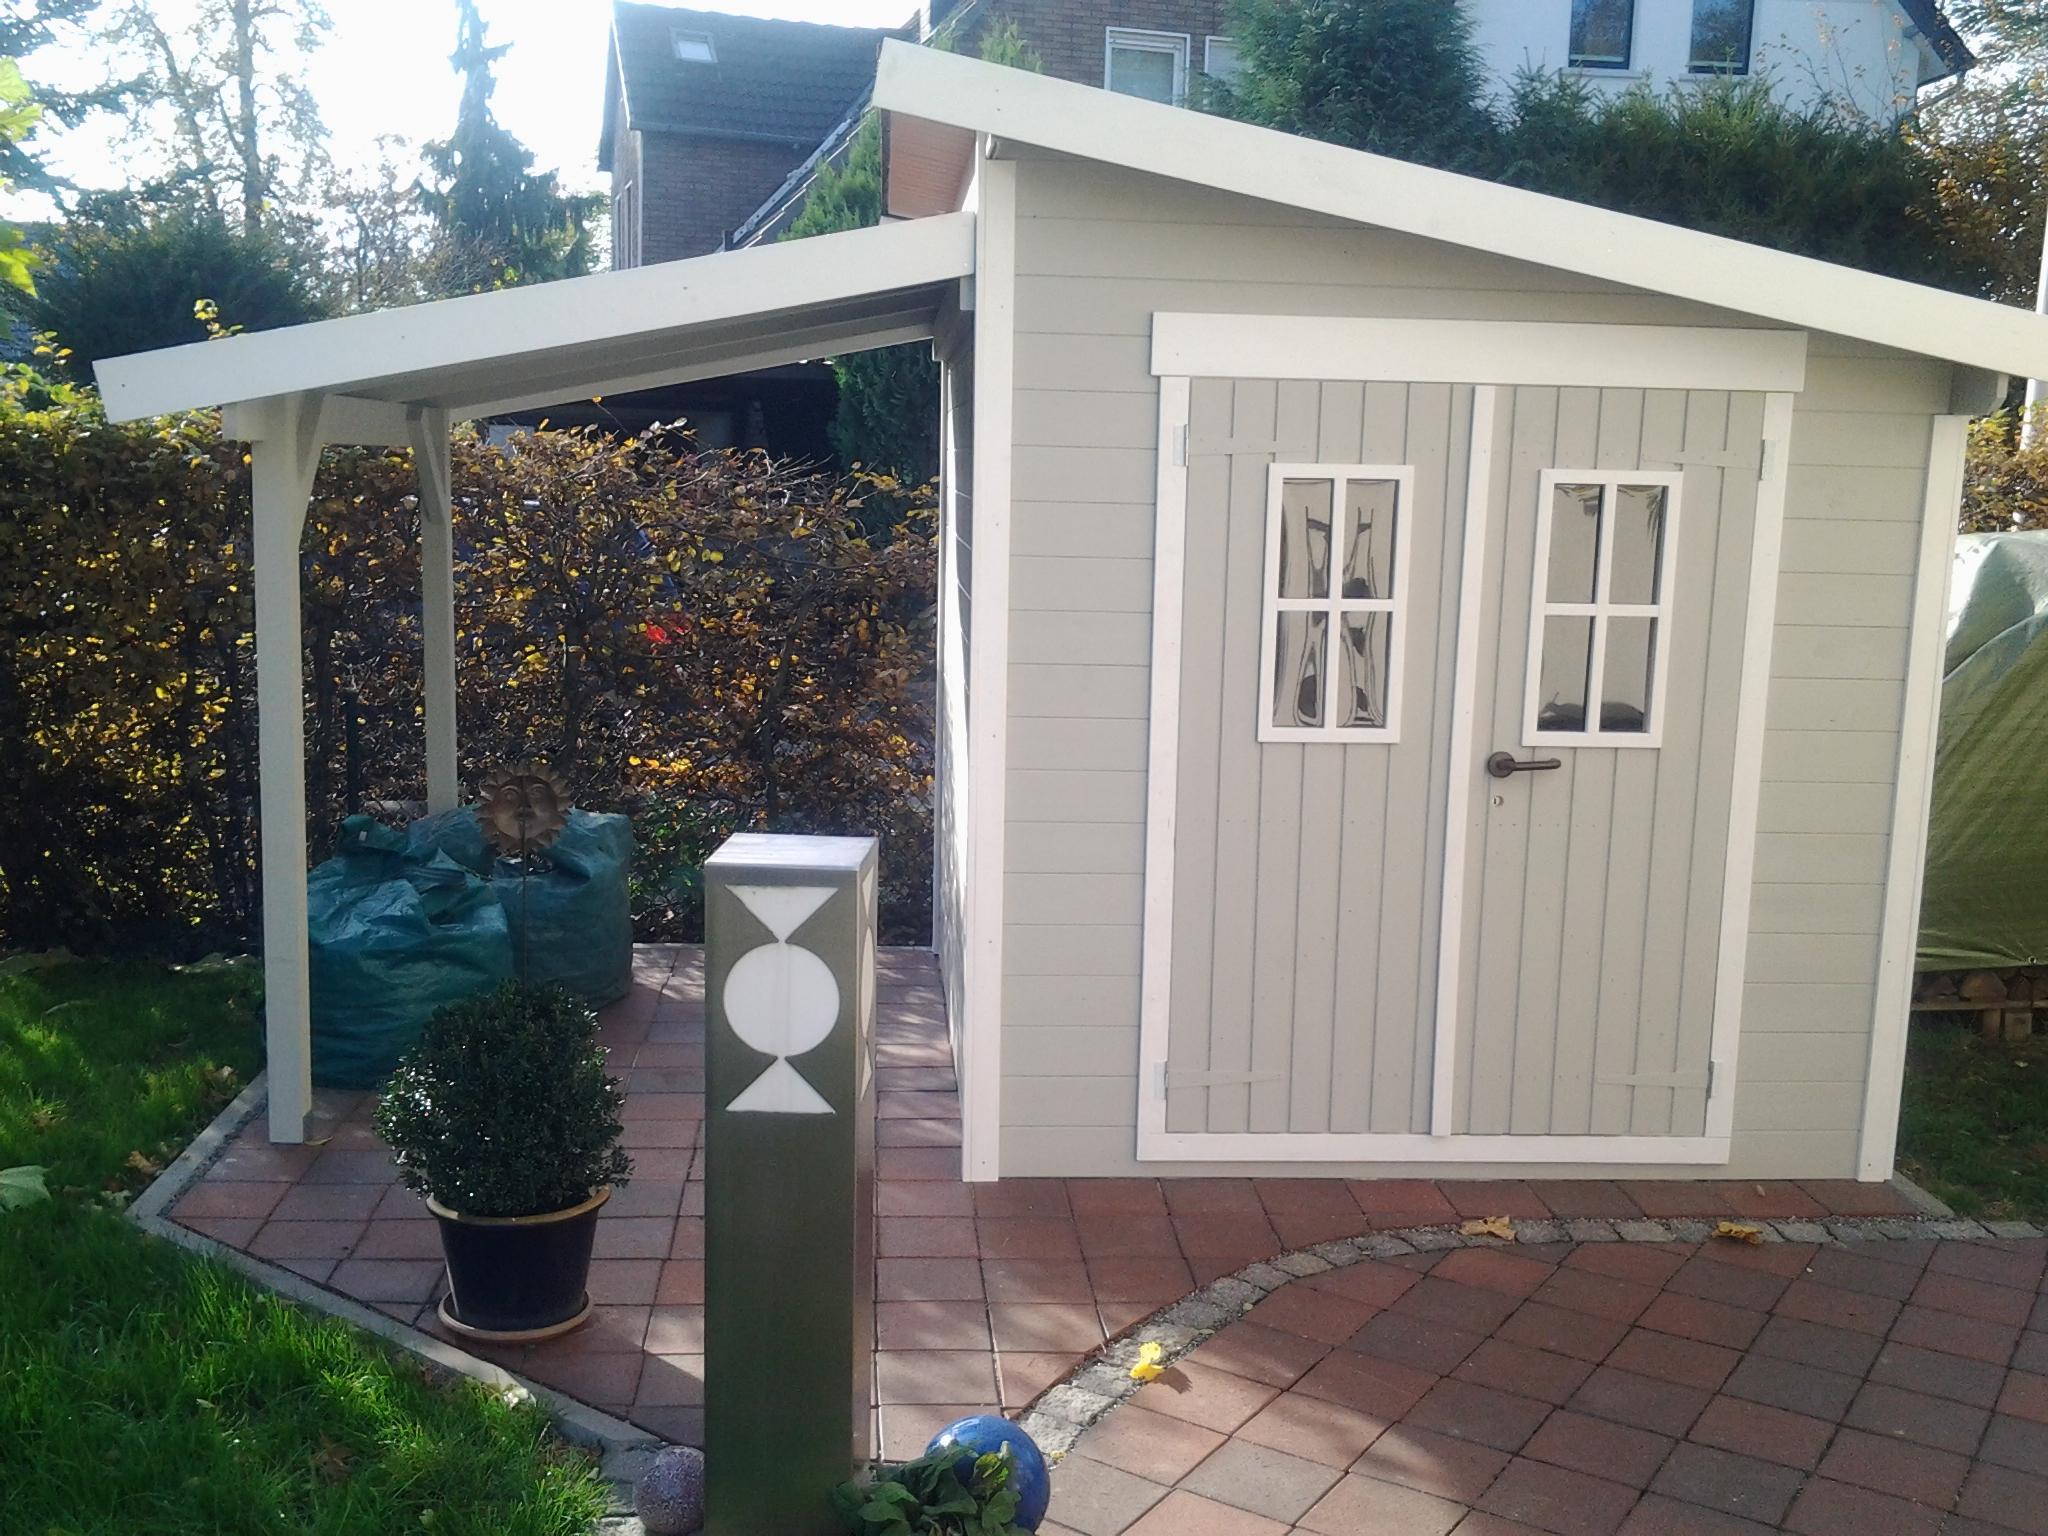 gartenhaus streichen begeistert von der farbe holzfarbe schwedenfarbe moose f rg. Black Bedroom Furniture Sets. Home Design Ideas